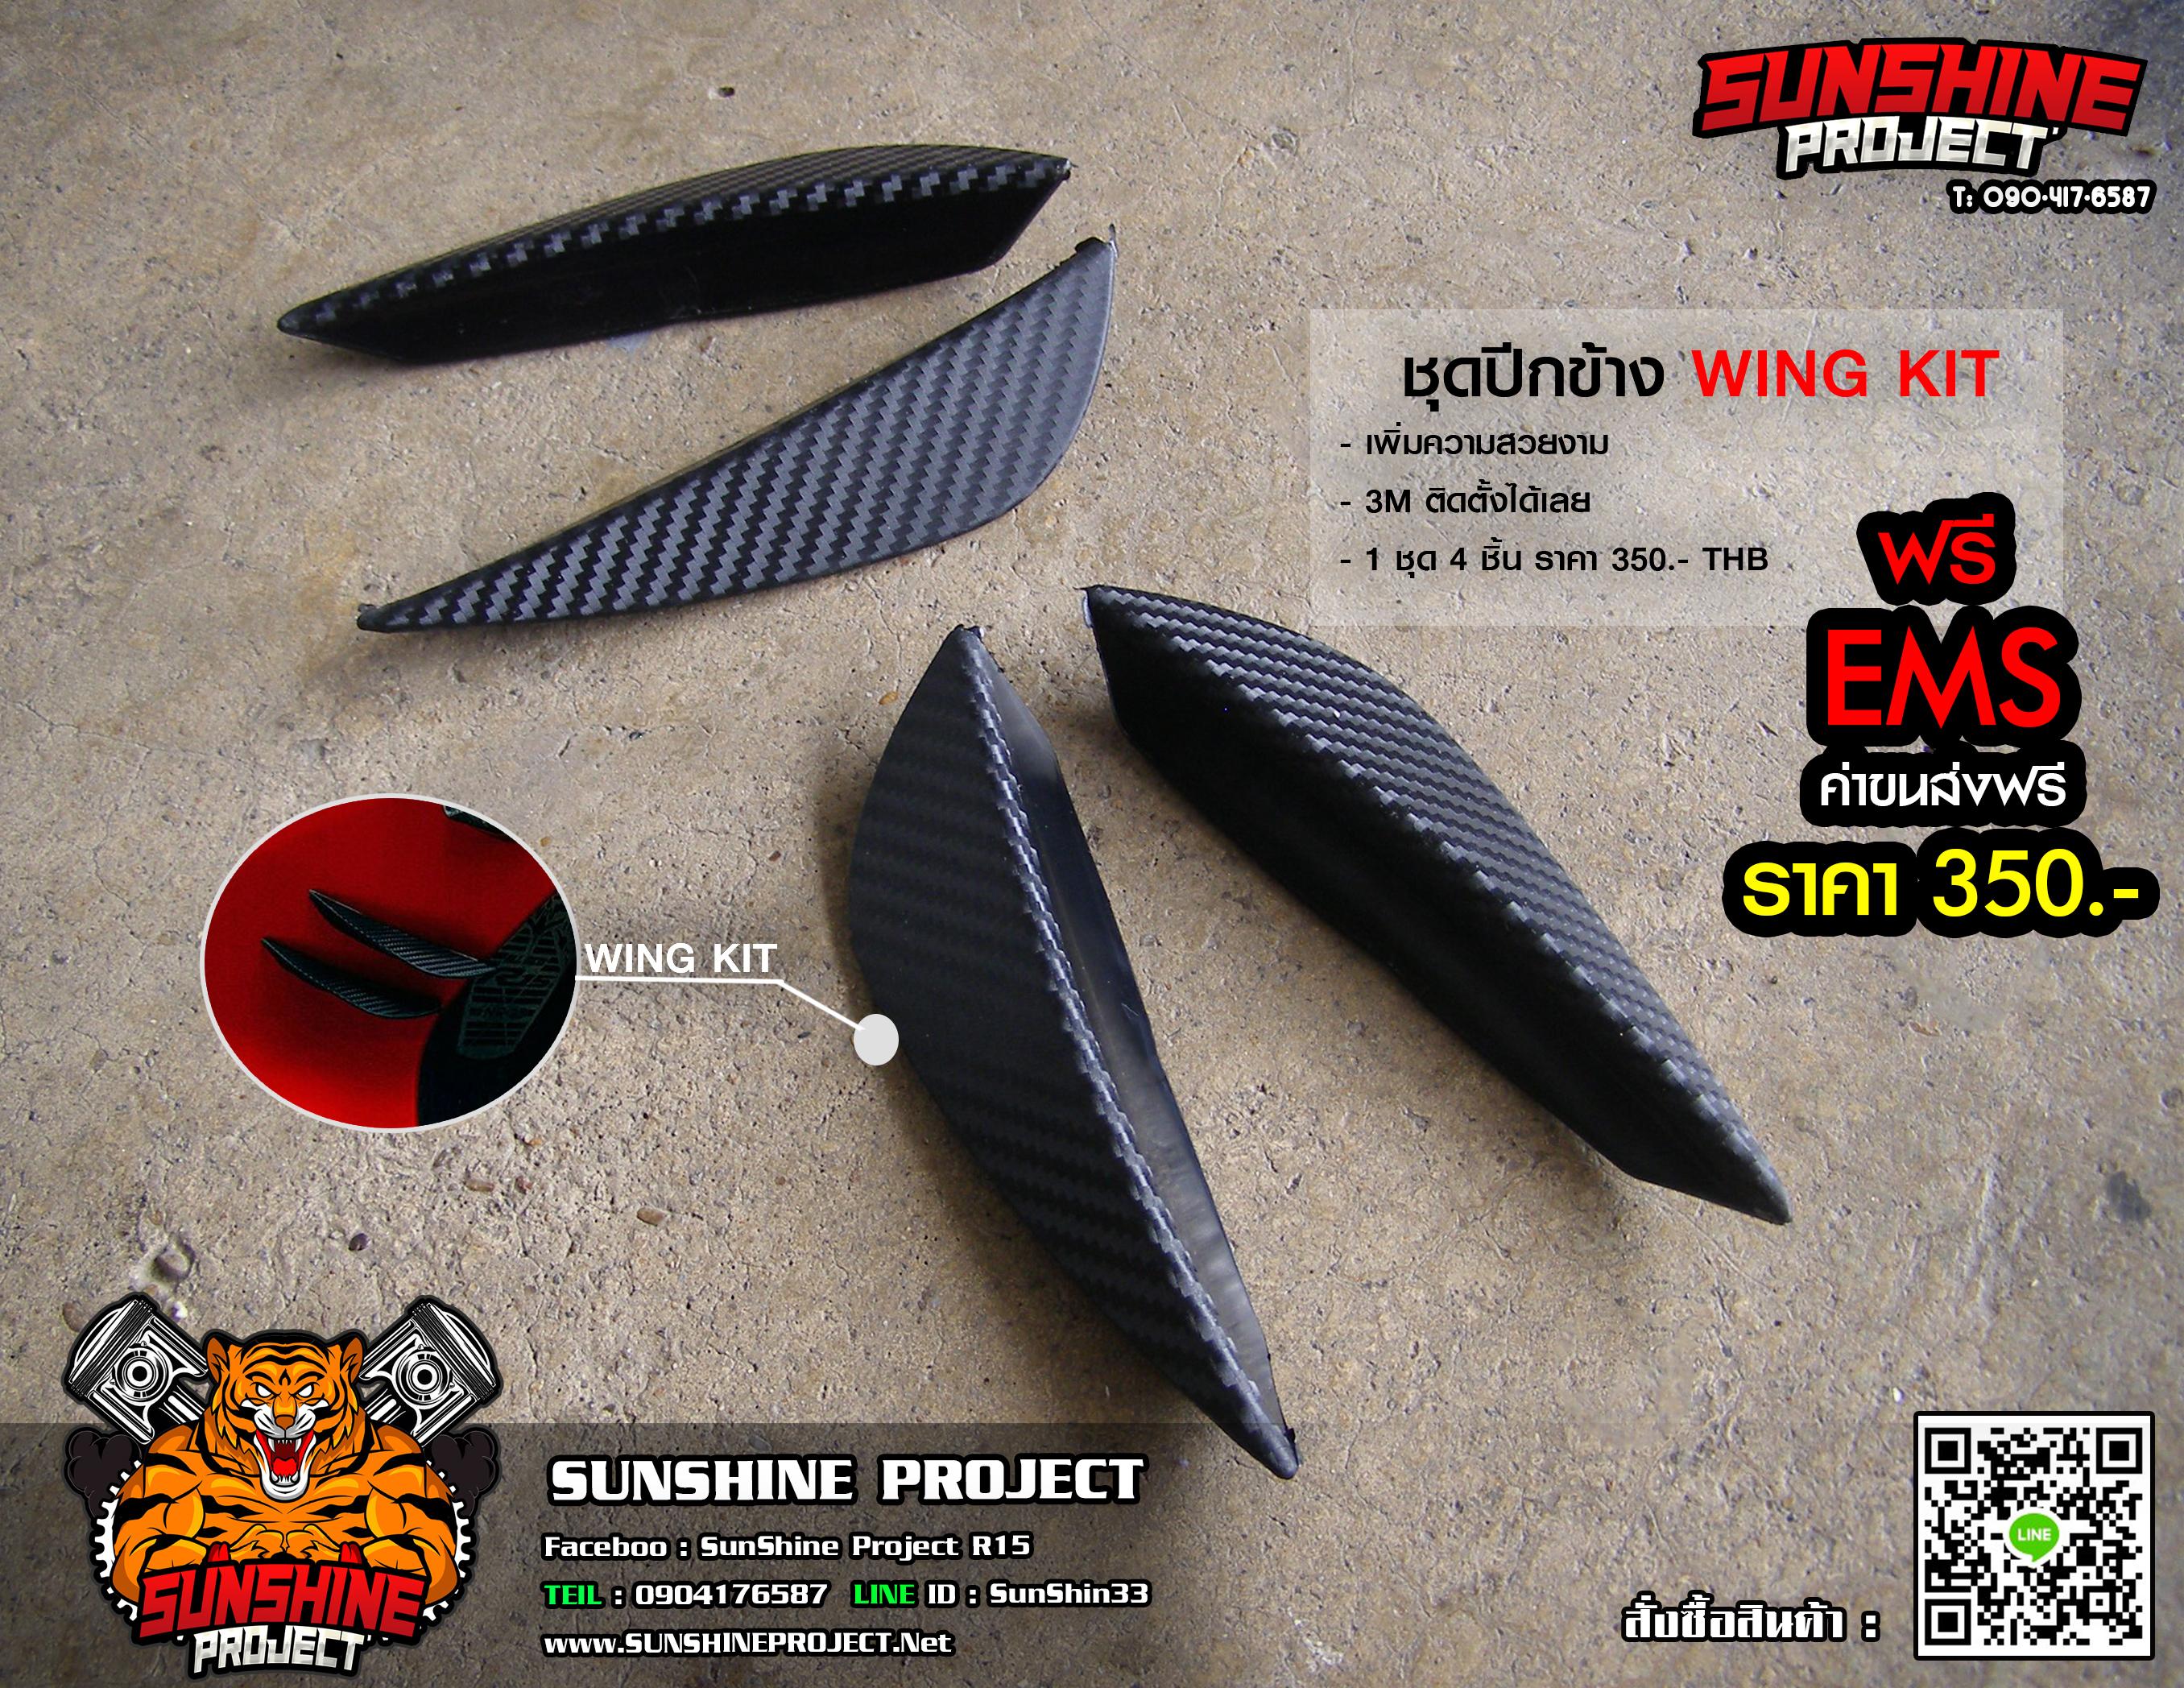 ชุดปีกข้าง wing kit